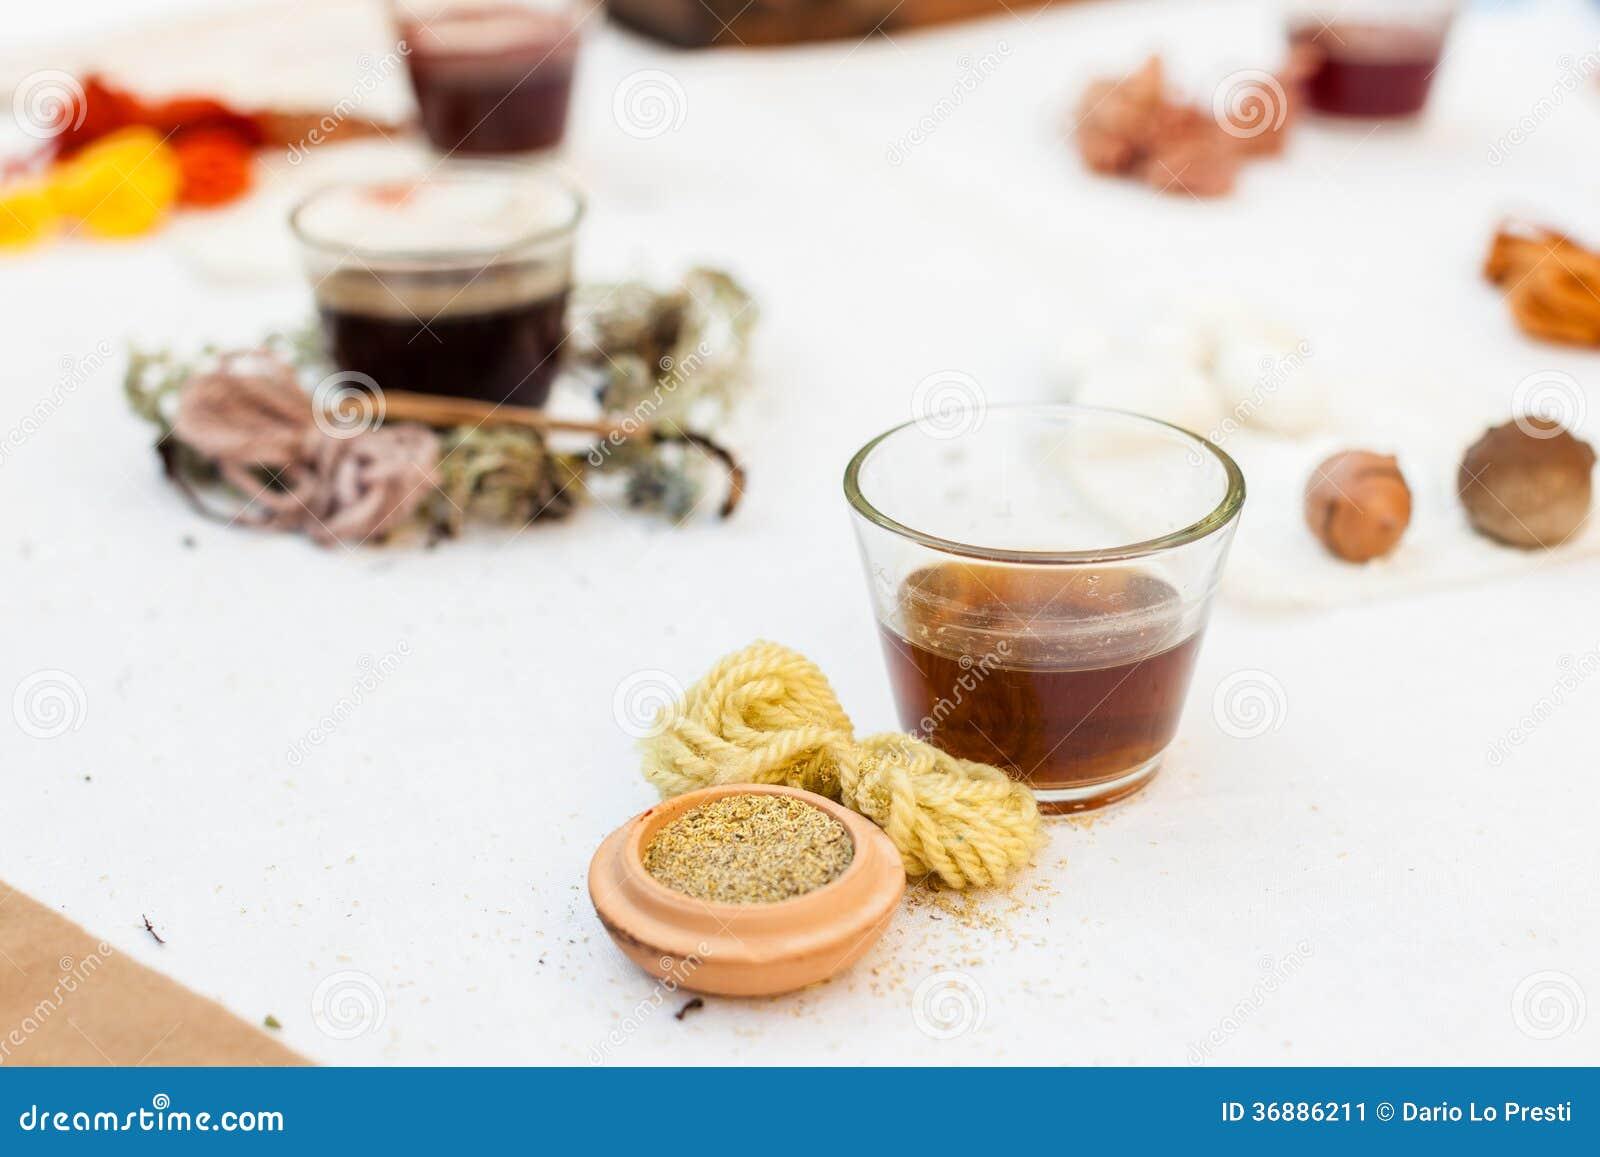 Download Oli essenziali immagine stock. Immagine di aromatherapy - 36886211